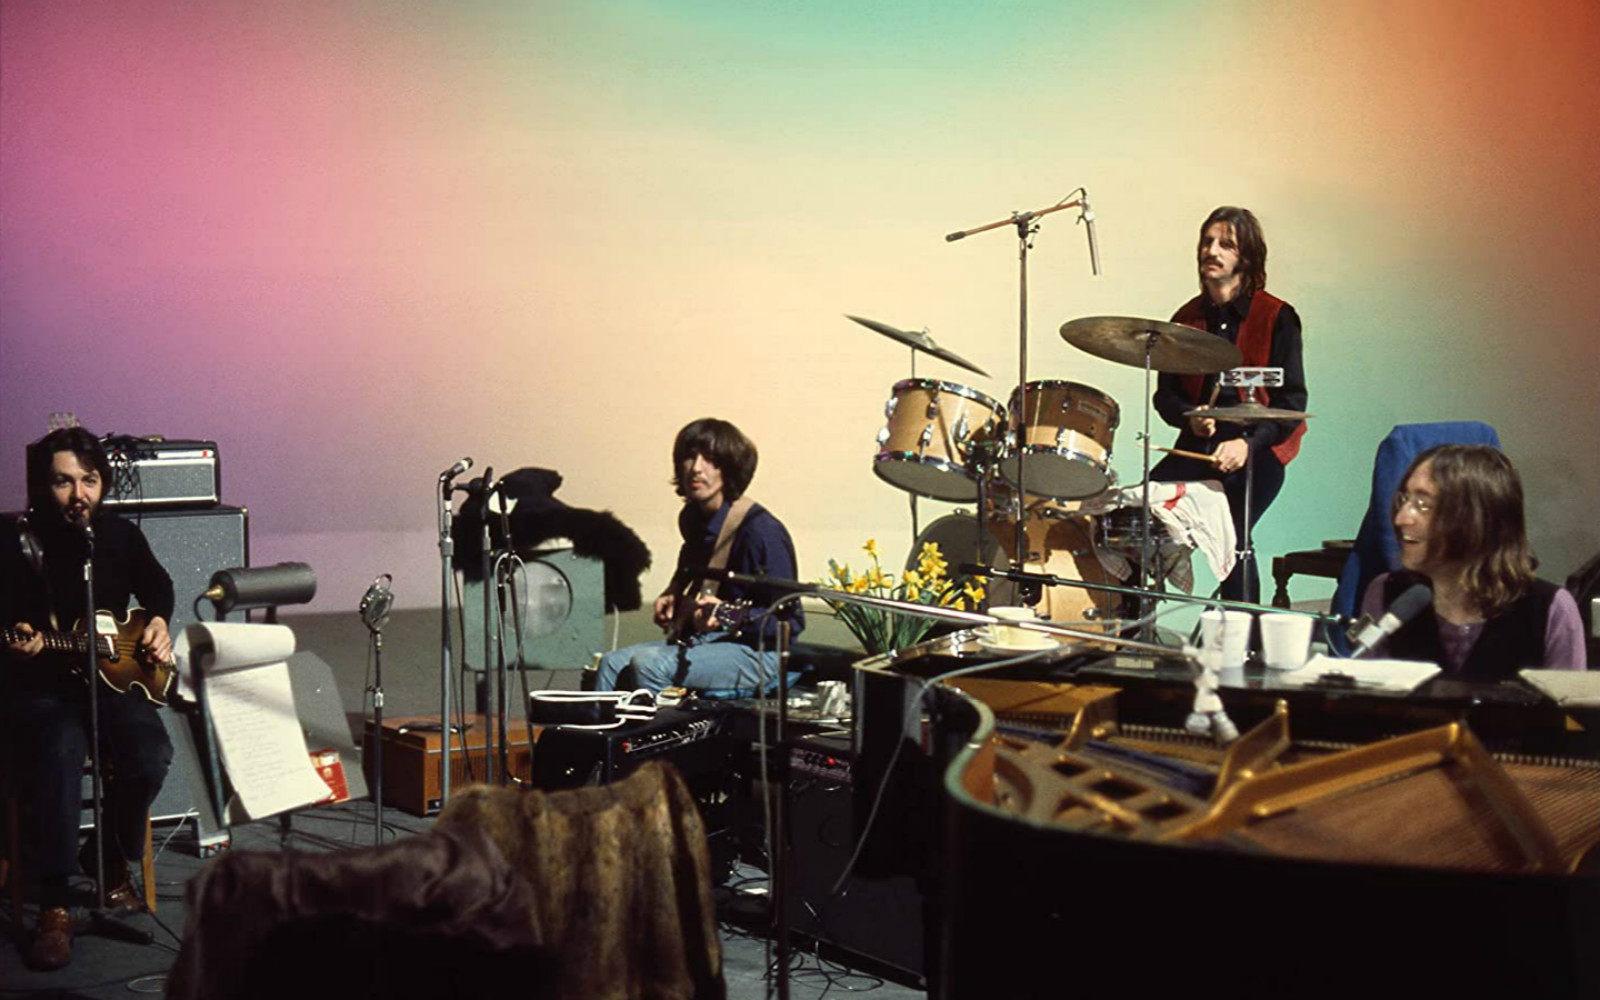 彼得·杰克逊执导纪录片《披头士乐队:回归》将于今年11月登录Disney+